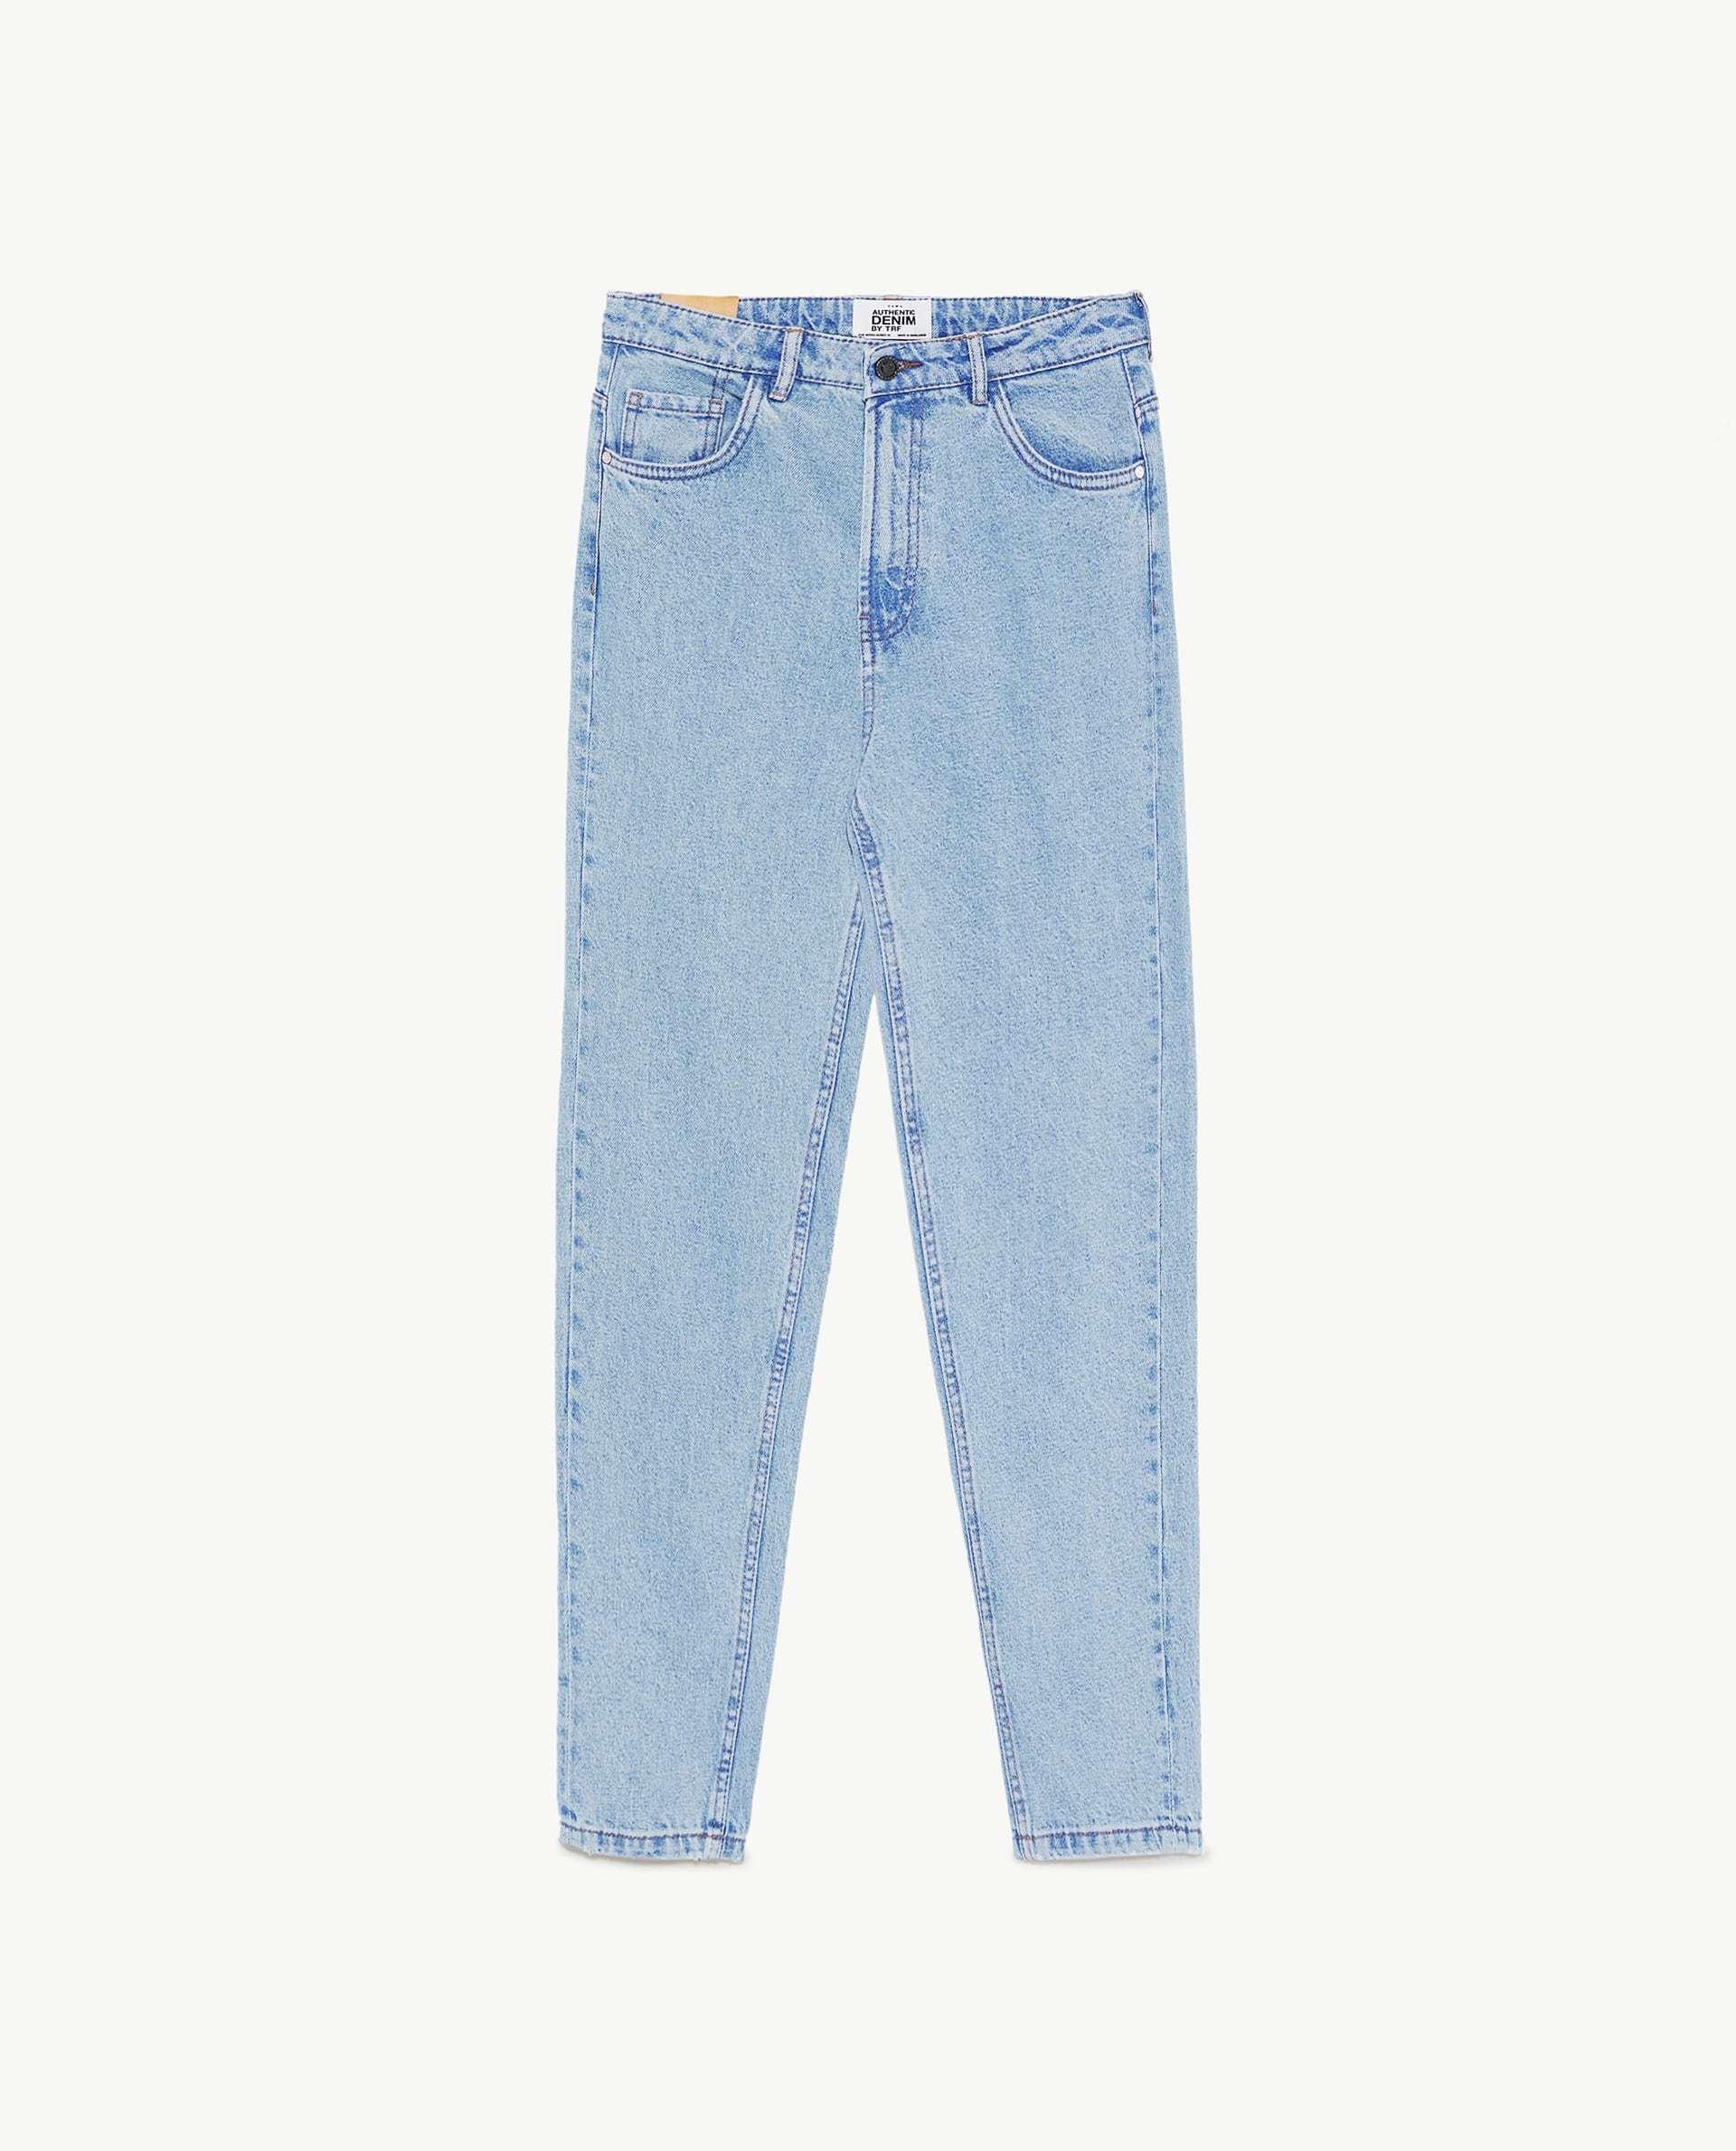 Jeans mom de Zara (25,95 euros)